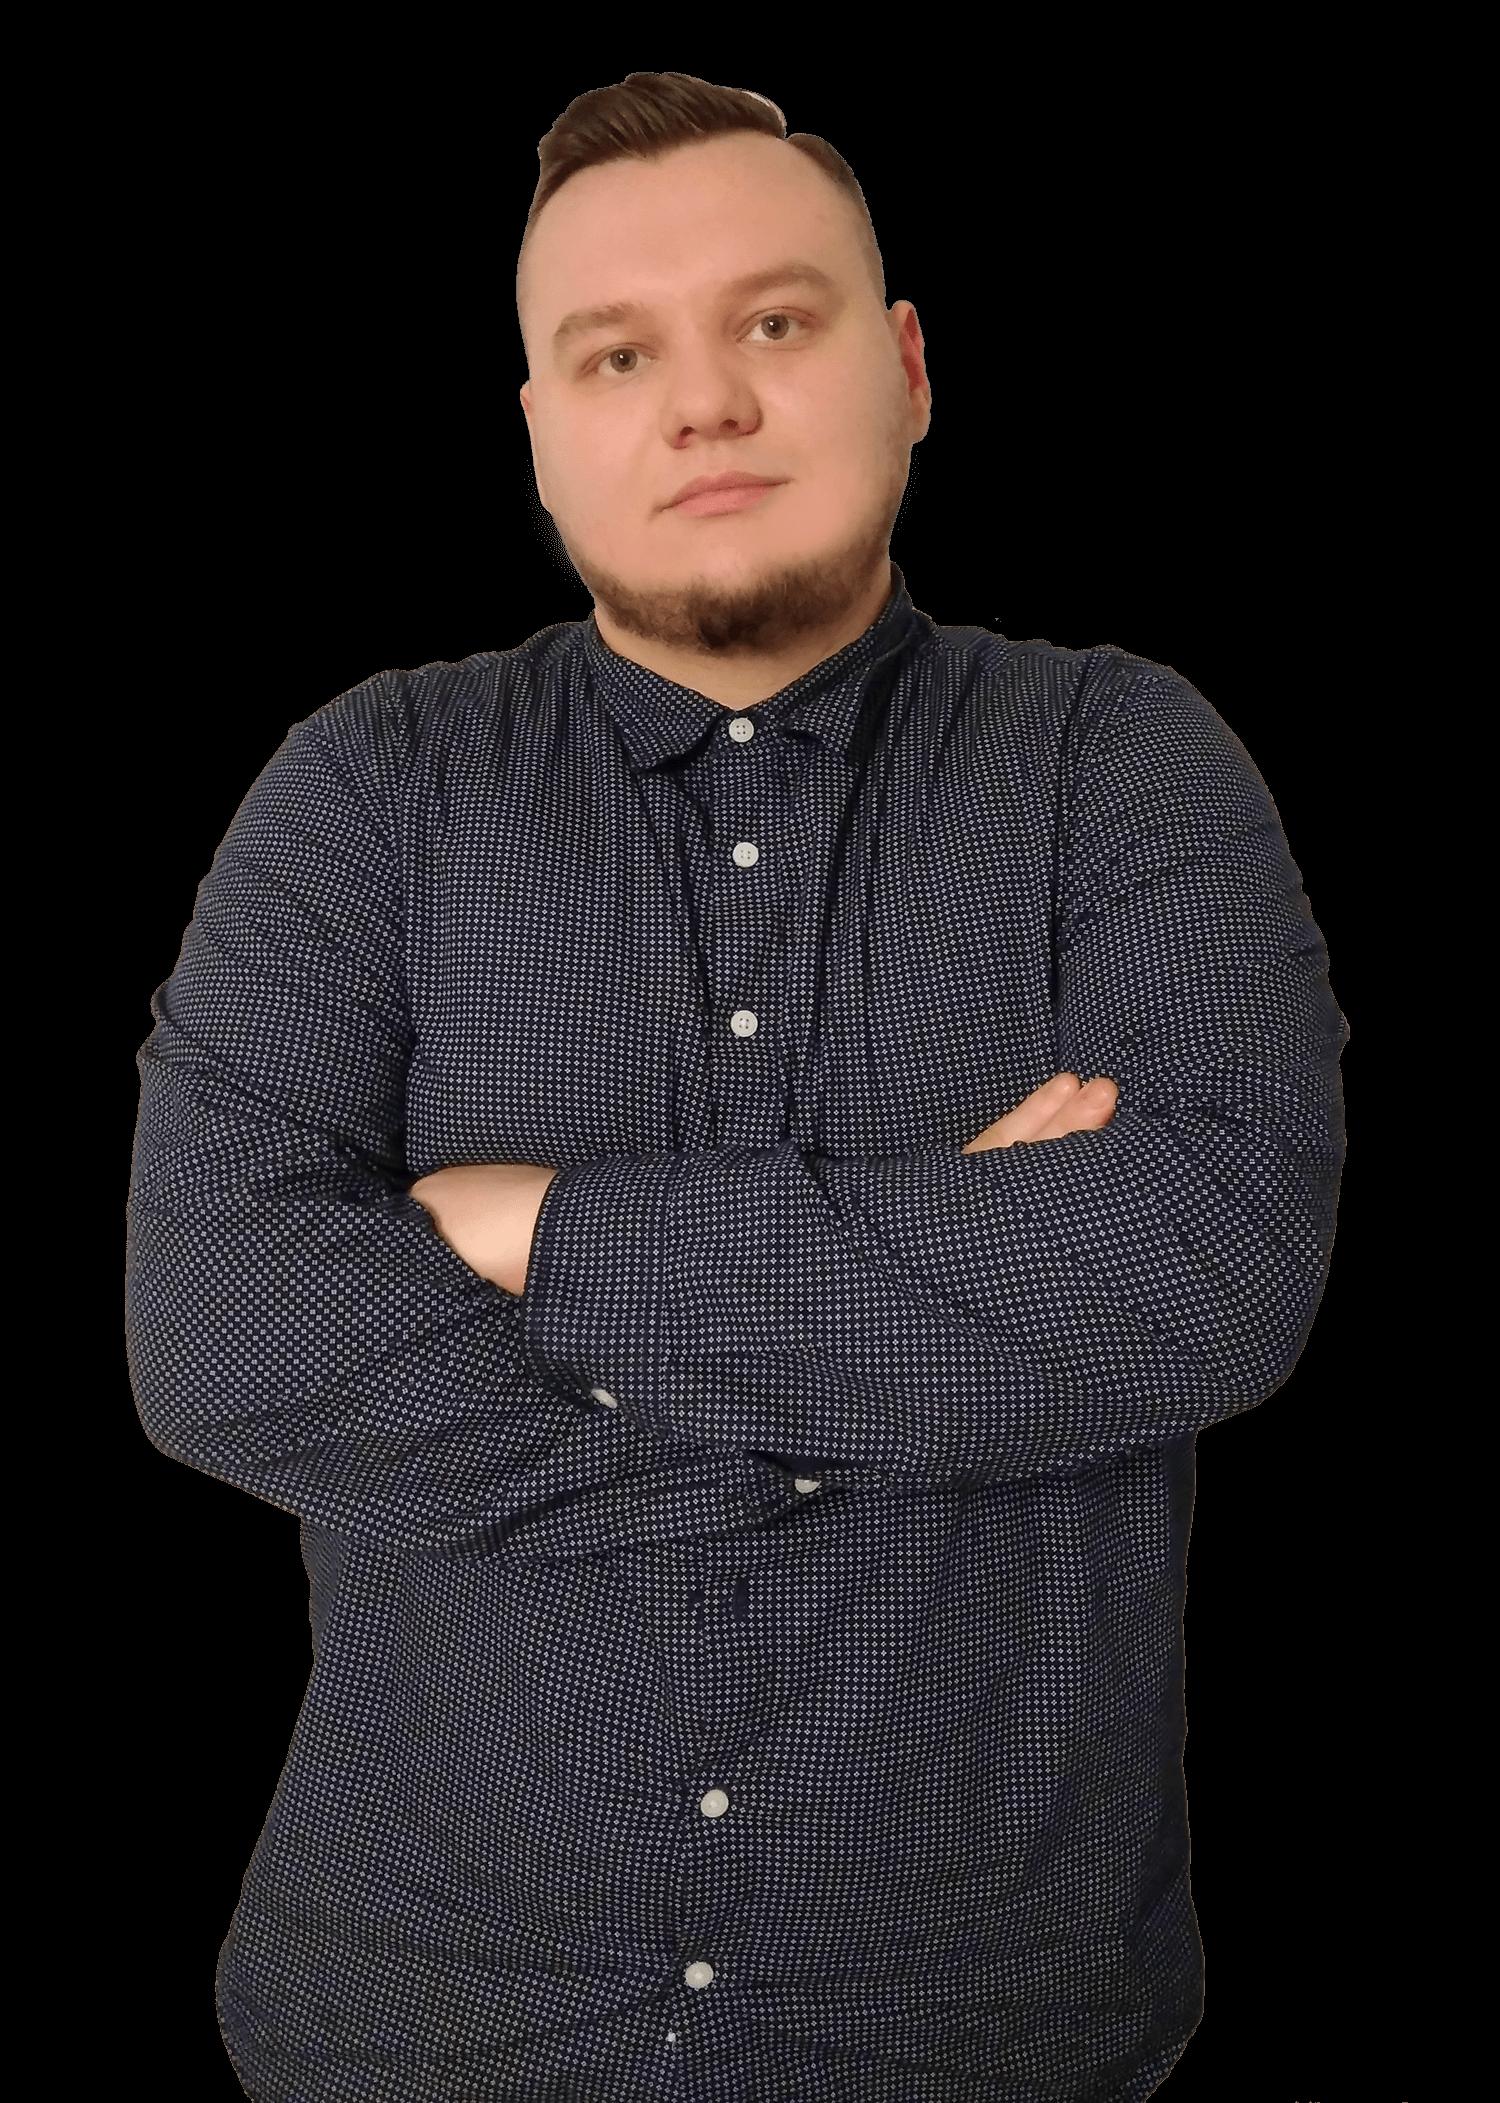 Mateusz Morawski biogram